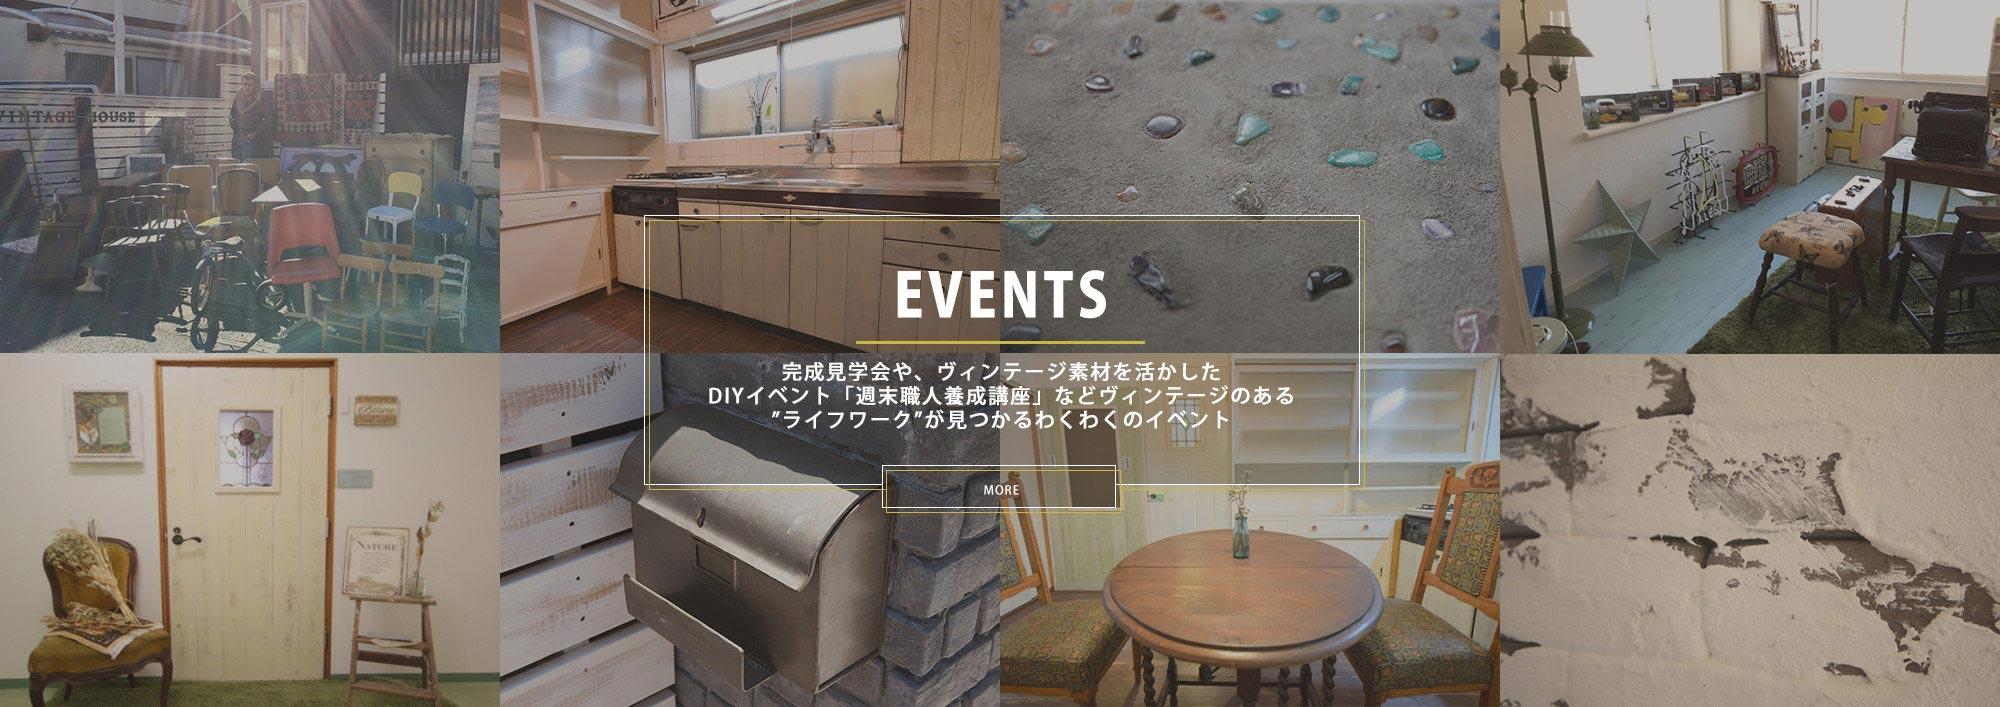 EVENTS ライフワークが見つかるわくわくのイベント